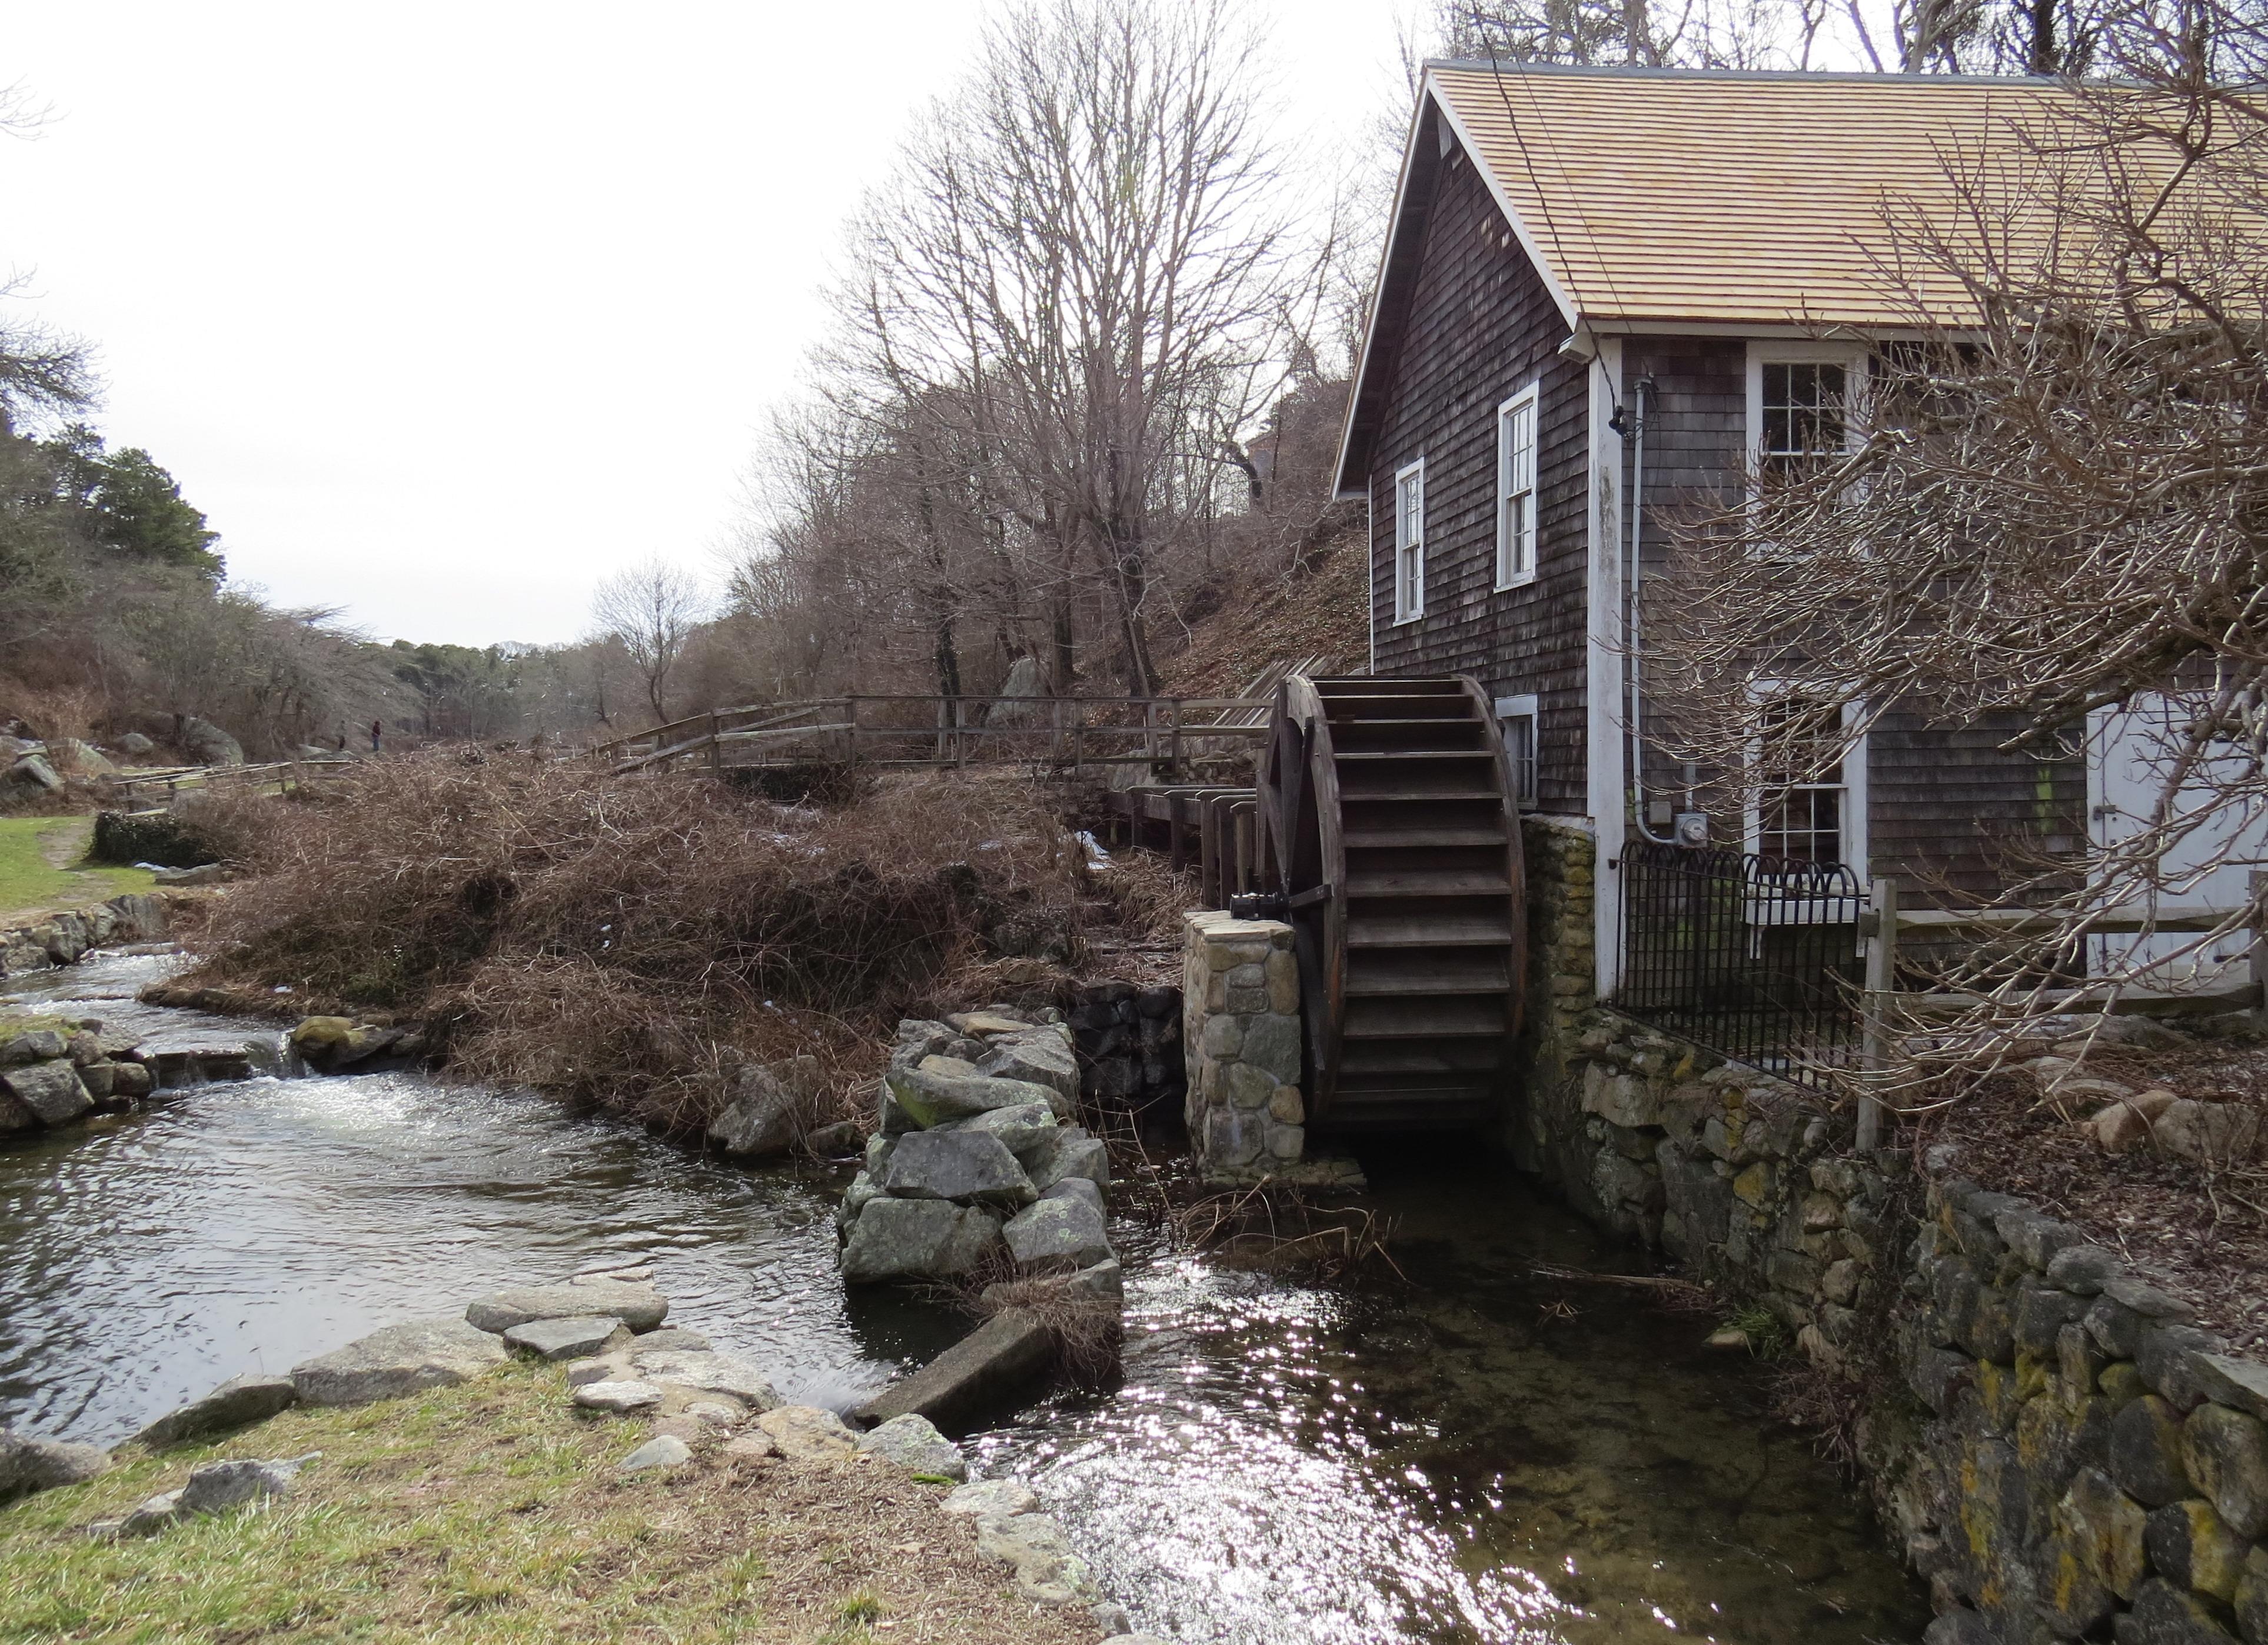 Parete Dacqua In Casa : Immagini belle campagna fienile casa parete stagno ruscello